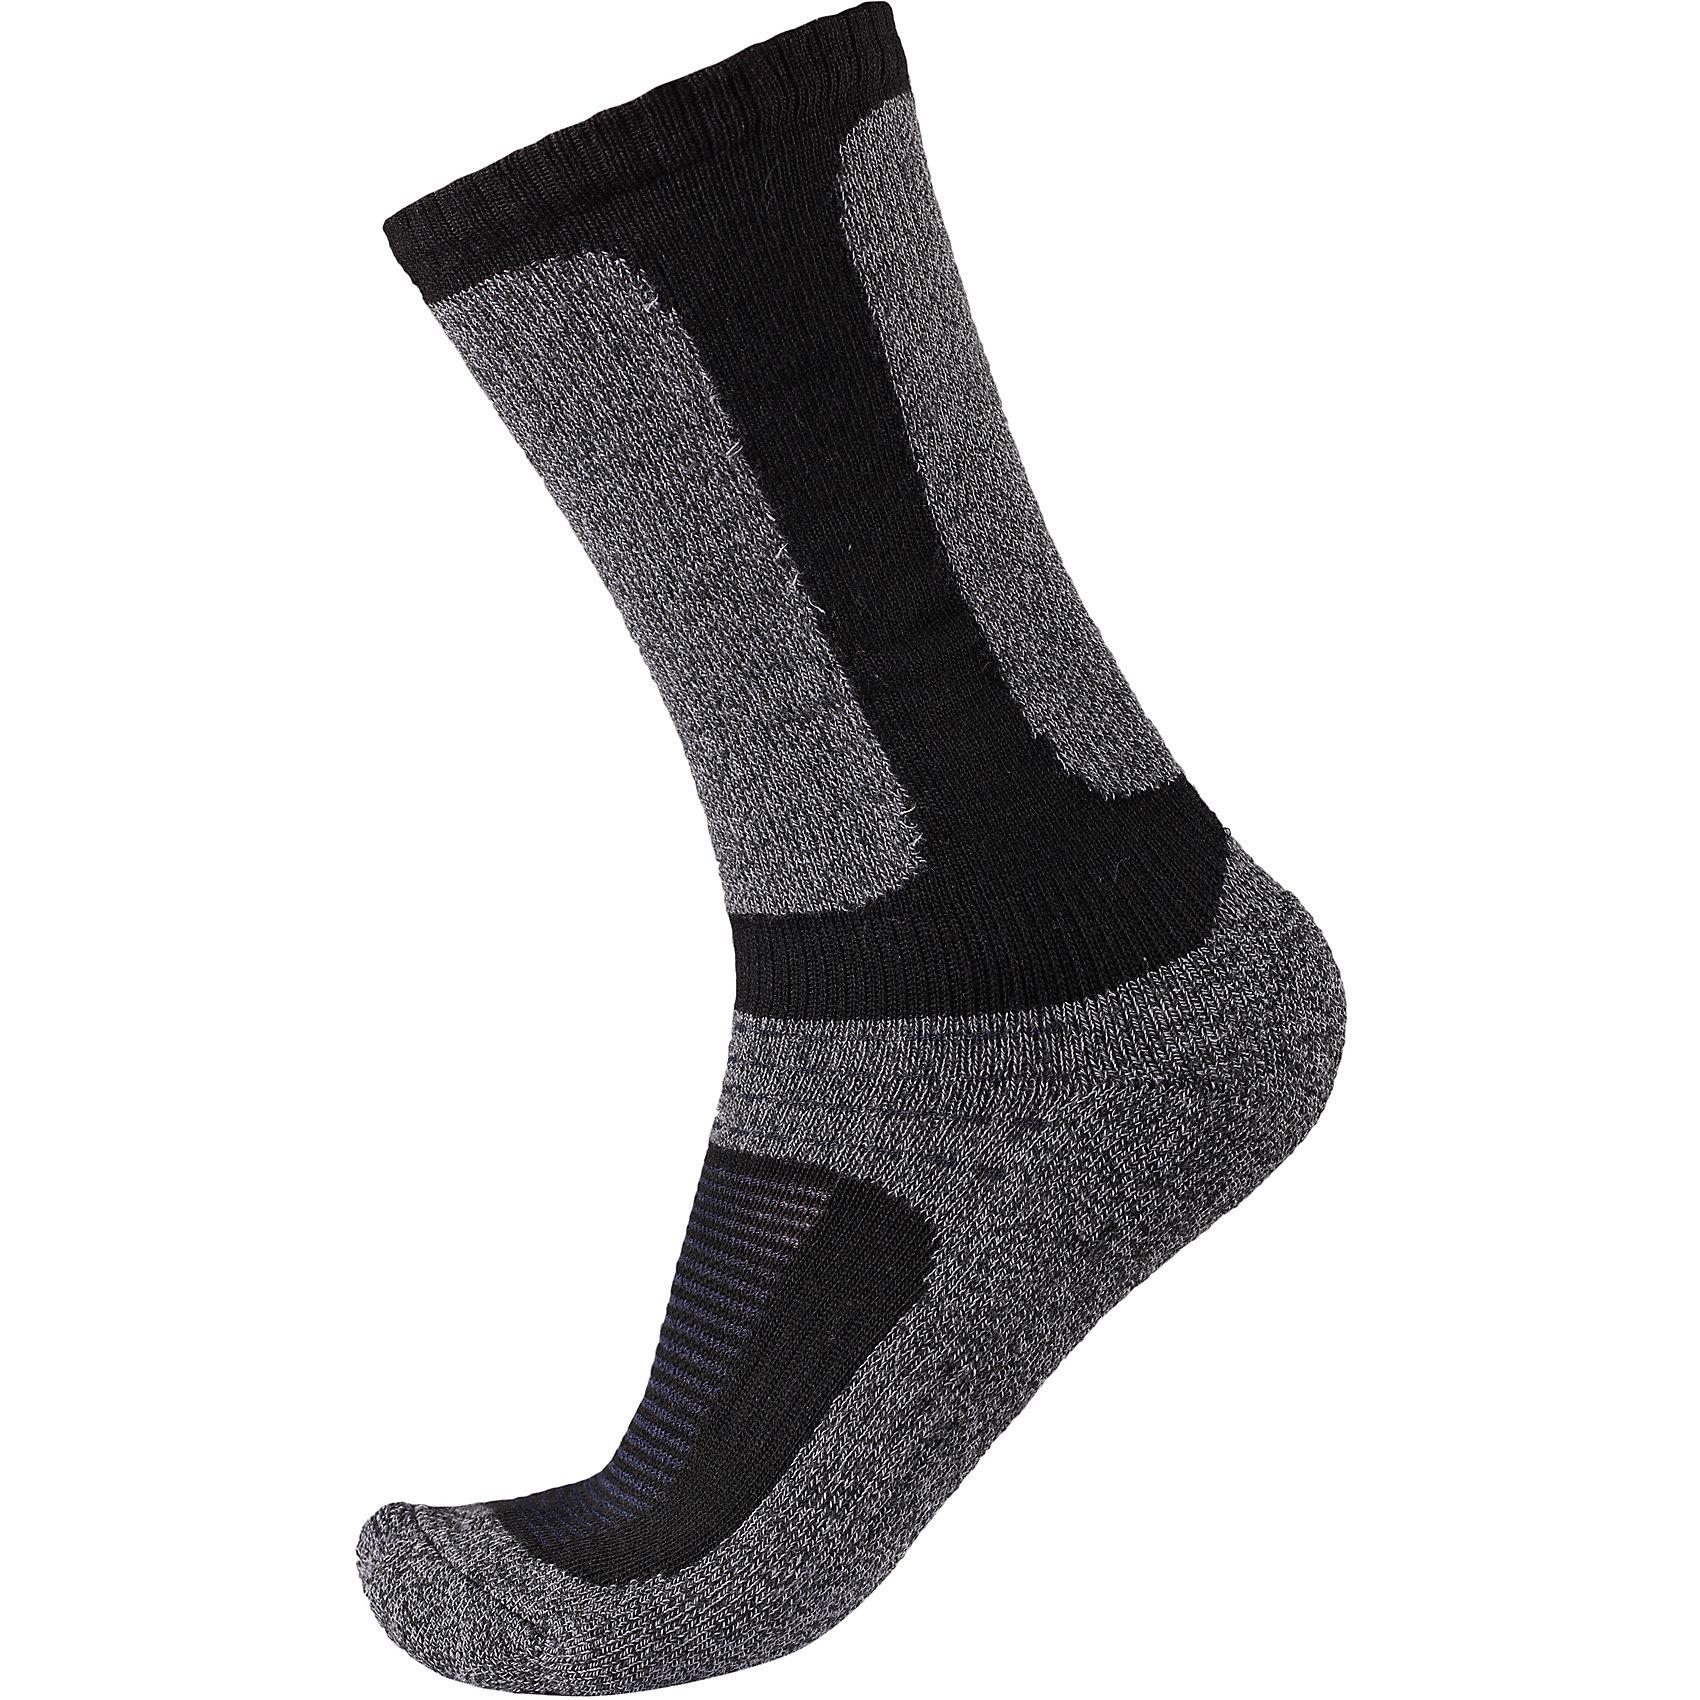 Носки Loma для мальчика ReimaНоски<br>Носки  Reima<br>Носки для детей и подростков. Coolmax® отводит влагу, а шерсть сохраняет тепло. Мягкий теплый футер с внутренней стороны для максимального комфорта. Накладки на ступнях, лодыжках и больших пальцах. Благодаря удлиненной вязаной резинке носок не съезжает. Быстро сохнет и сохраняет тепло.<br>Уход:<br>0<br>Состав:<br>24% Шерсть, 66% полиэстер COOLMAX®, 5% эластан, 5% полиамид<br><br>Ширина мм: 87<br>Глубина мм: 10<br>Высота мм: 105<br>Вес г: 115<br>Цвет: черный<br>Возраст от месяцев: 72<br>Возраст до месяцев: 84<br>Пол: Мужской<br>Возраст: Детский<br>Размер: 30,38,34,26<br>SKU: 4774955